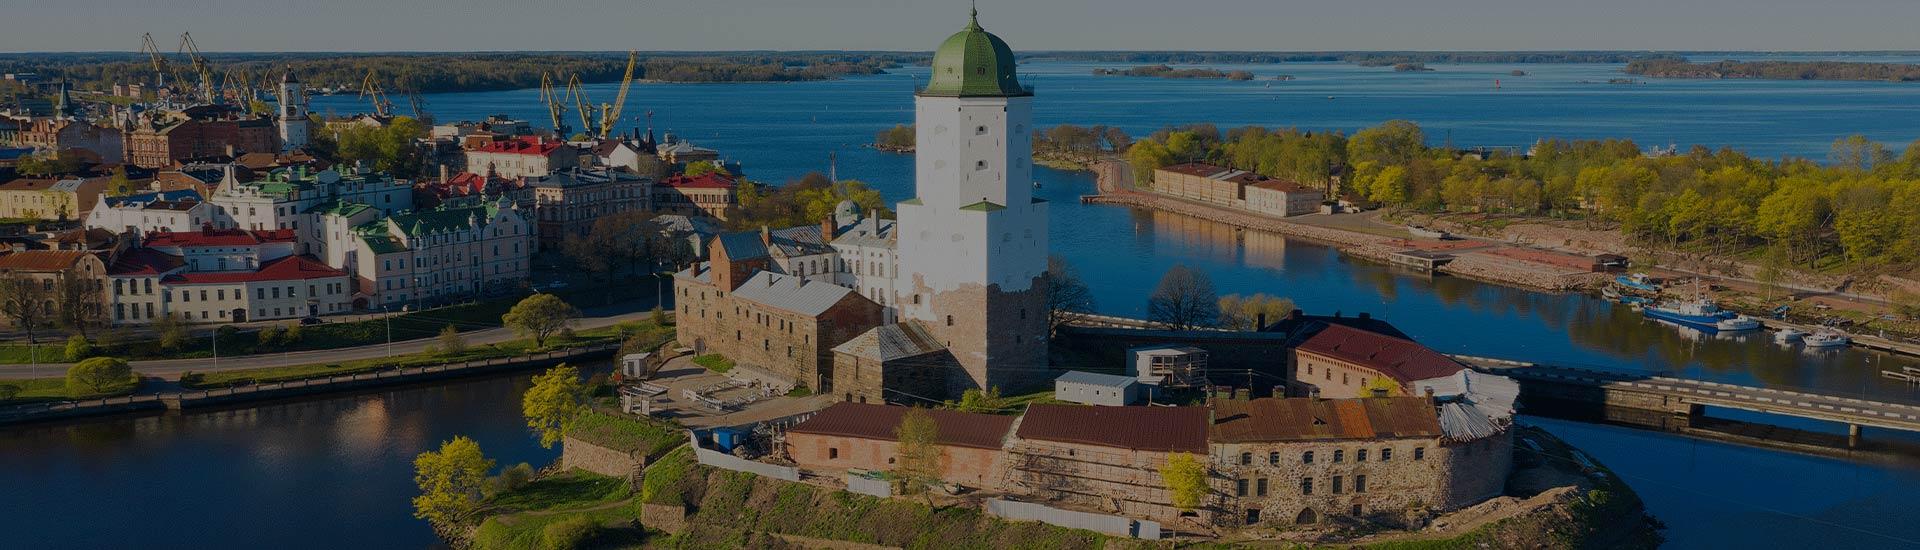 Spedition-Logistik-Unternehmen-Finnland